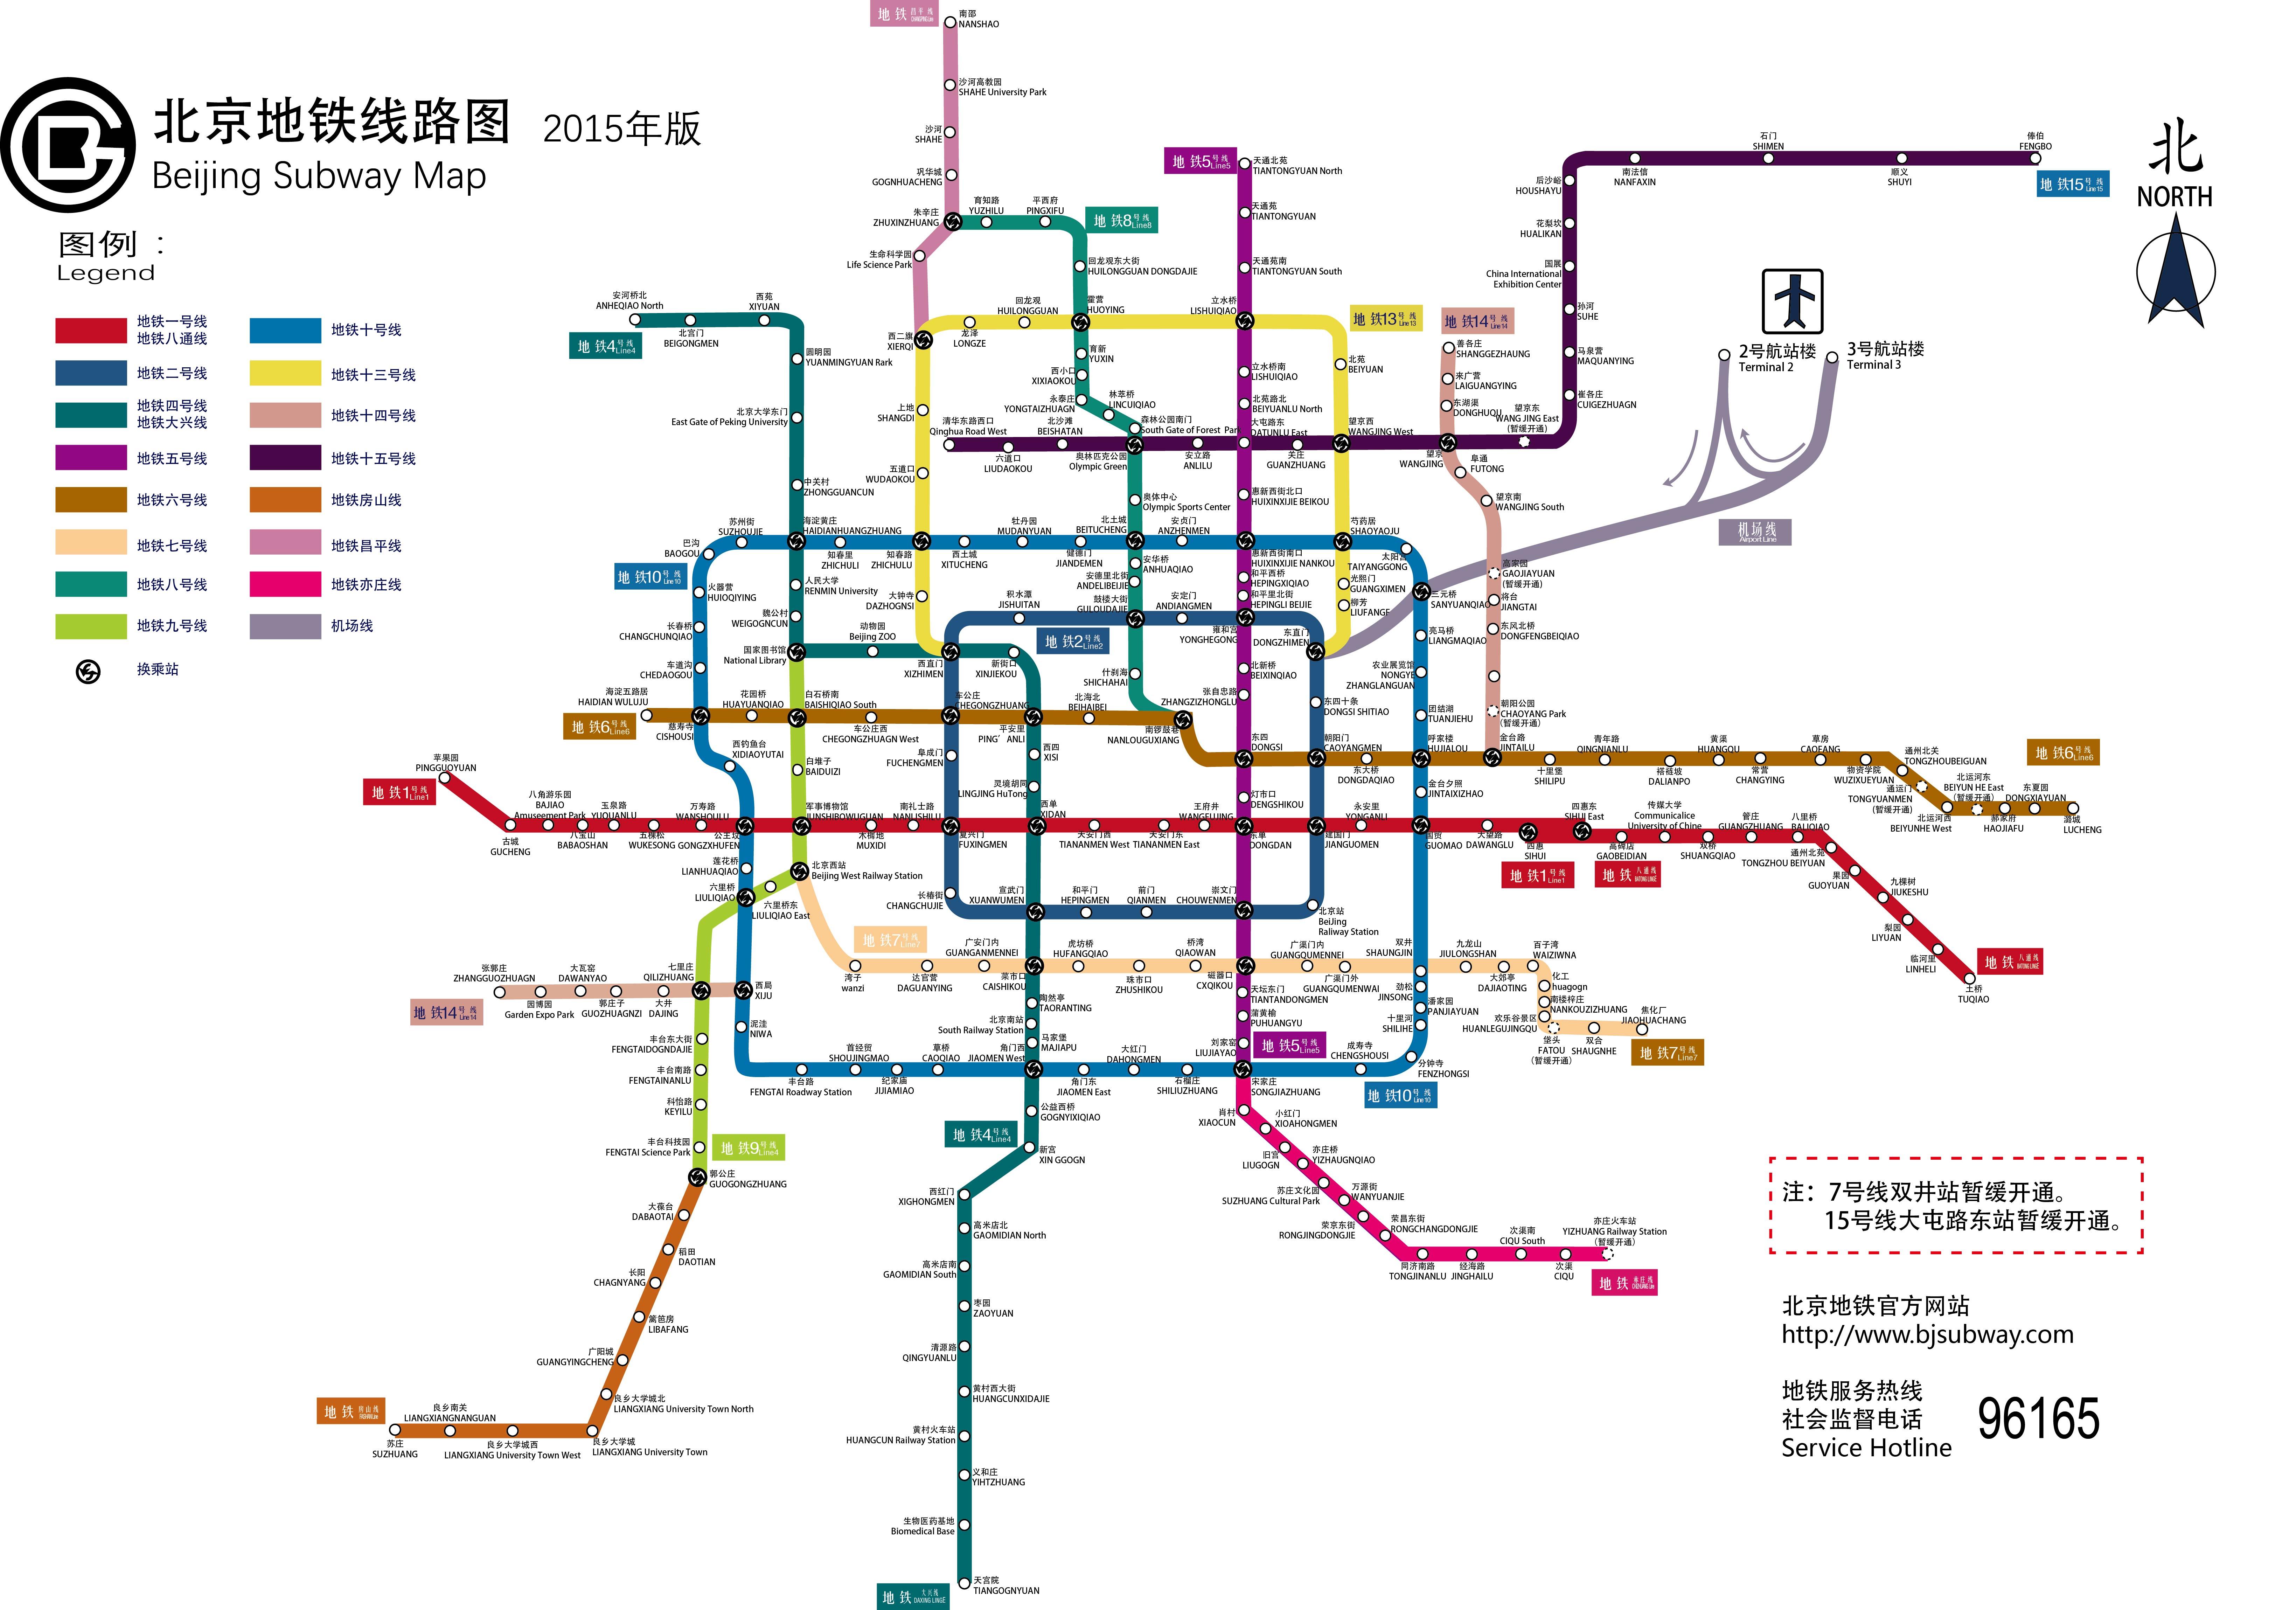 北京地铁图图片